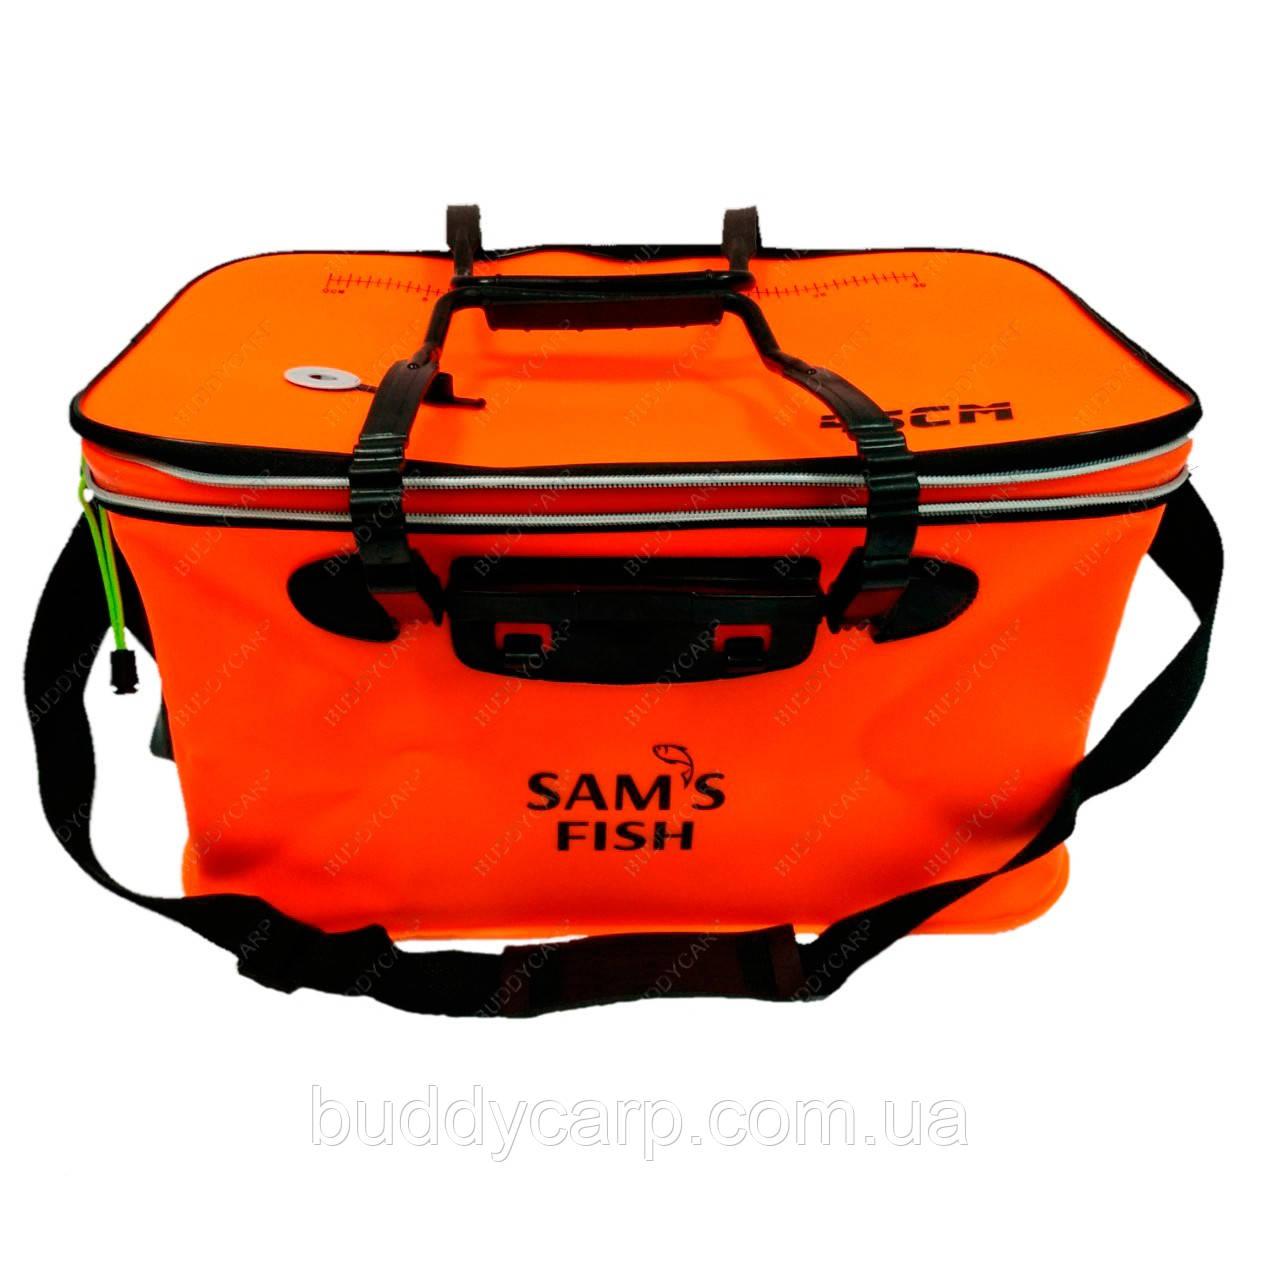 7277be3e6c27 Сумка Sams Fish EVA для Хранения Рыбы 45 См с Карманом — в Категории ...